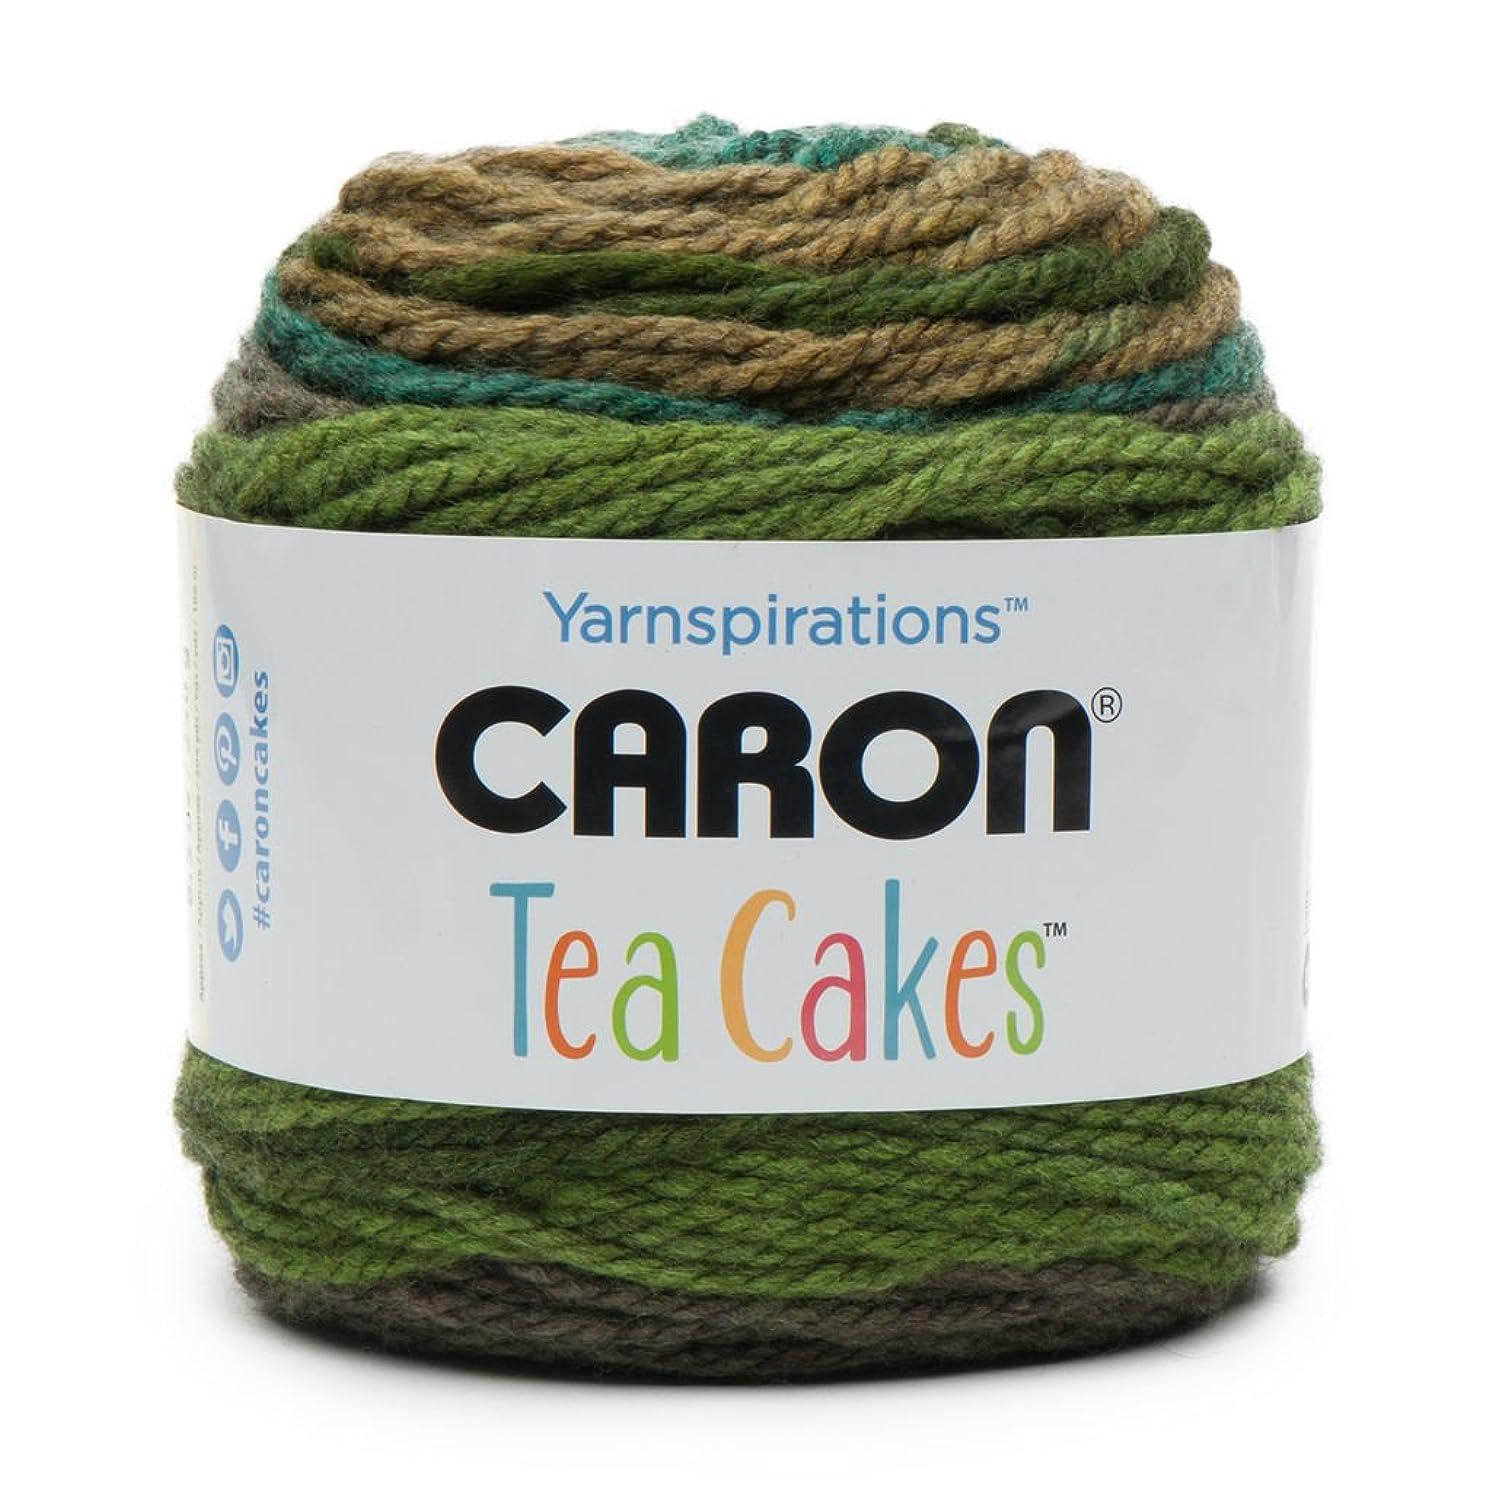 Caron Tea Cakes Acrylic-Wool Blend Yarn ~ 8.5 oz. Each (Green Tea)